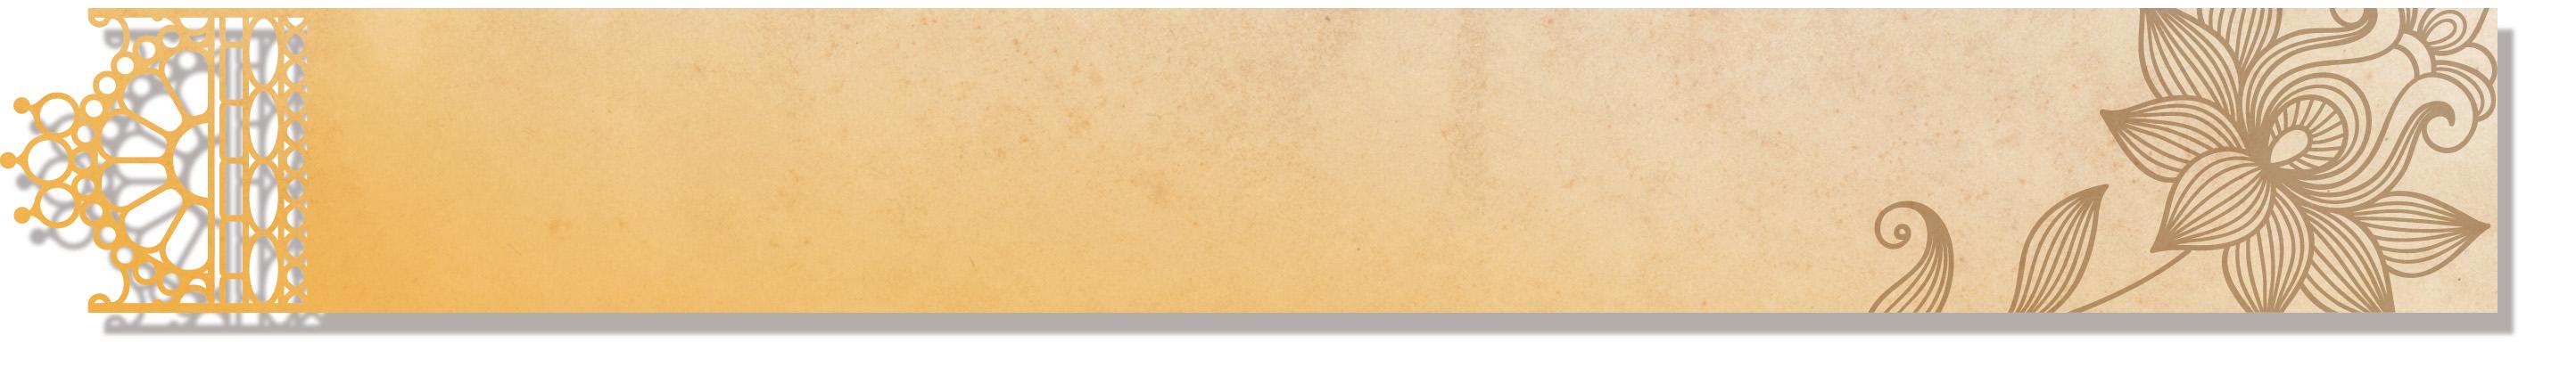 アーユルヴェーダ(インド伝承医学)のヘナ